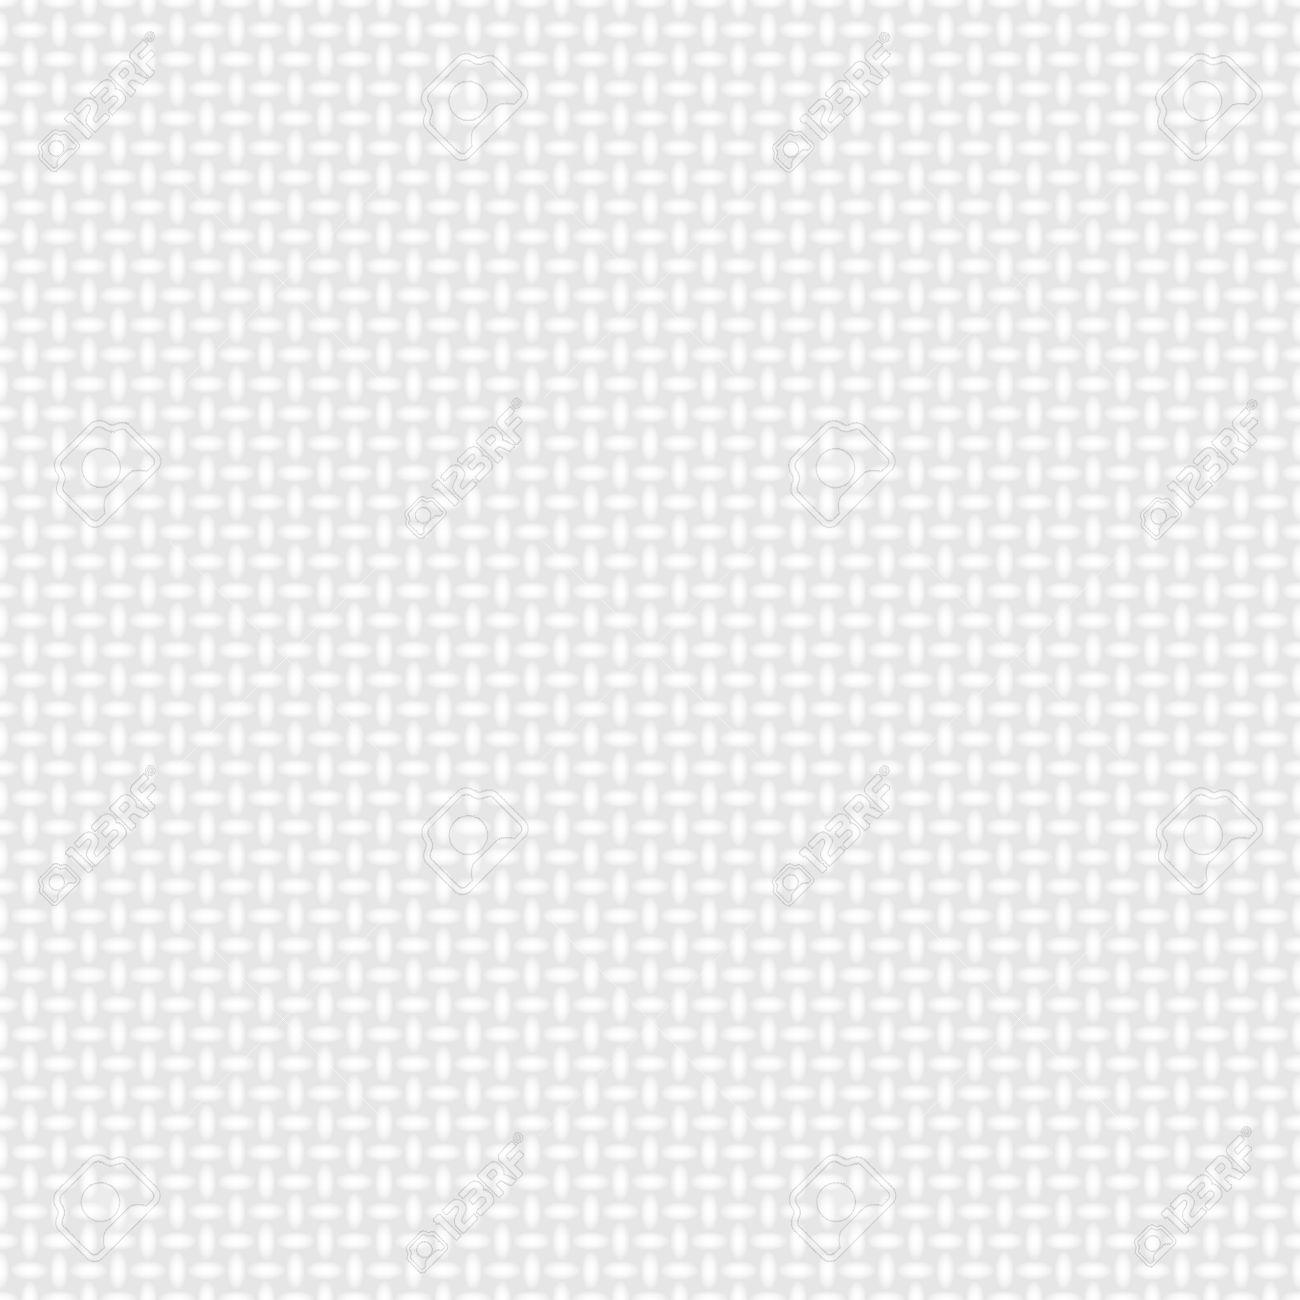 White Cloth Texture Seamless White Fabric Texture Seamless